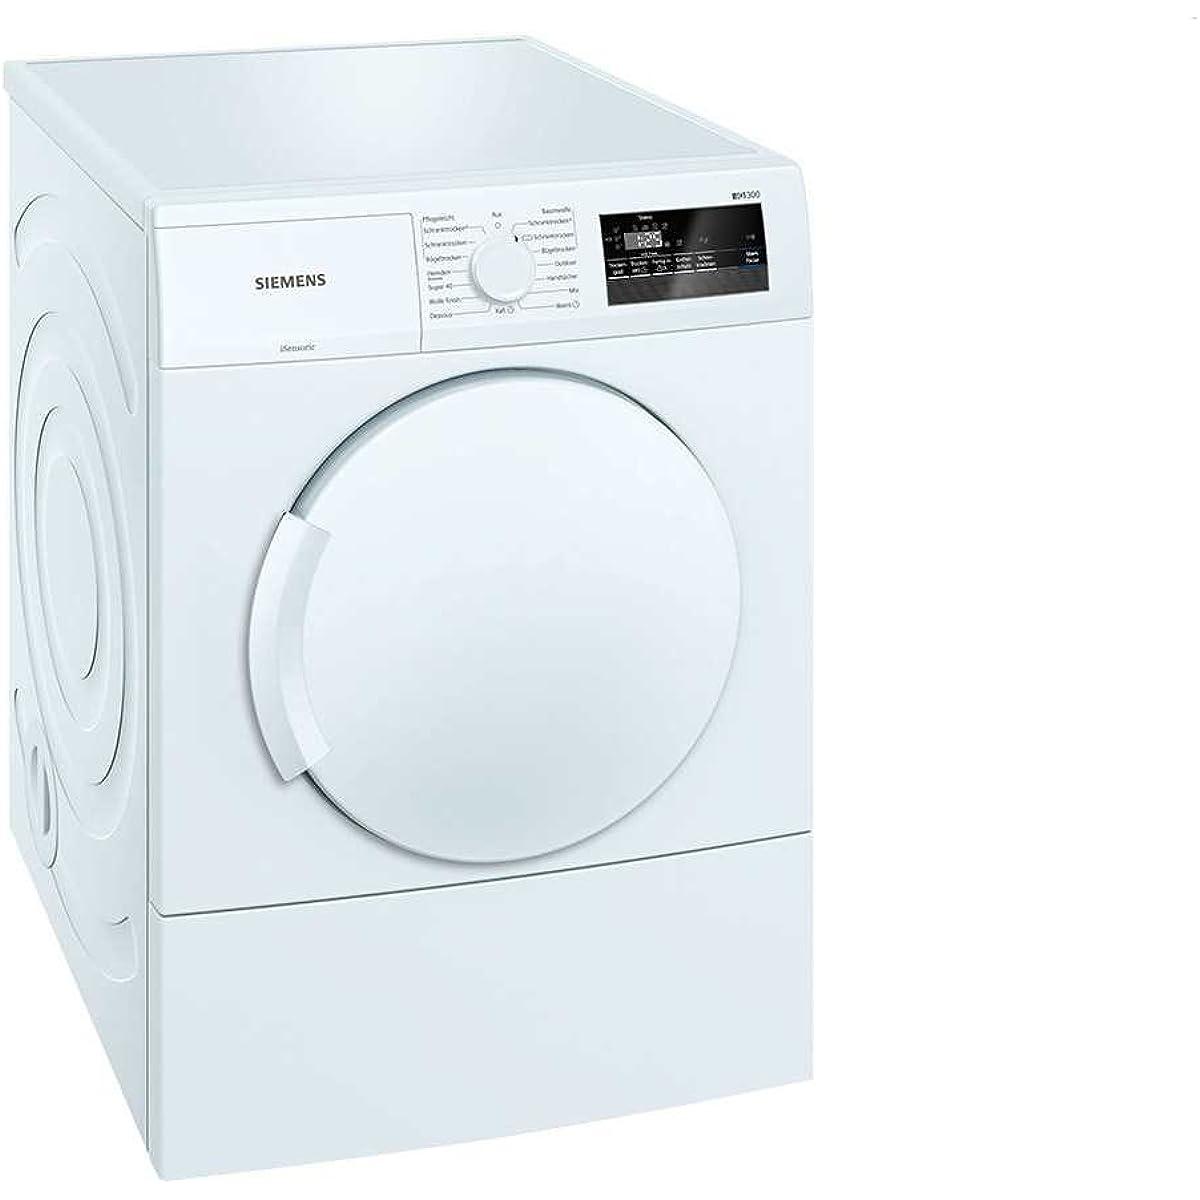 Siemens WT33A200 iQ300